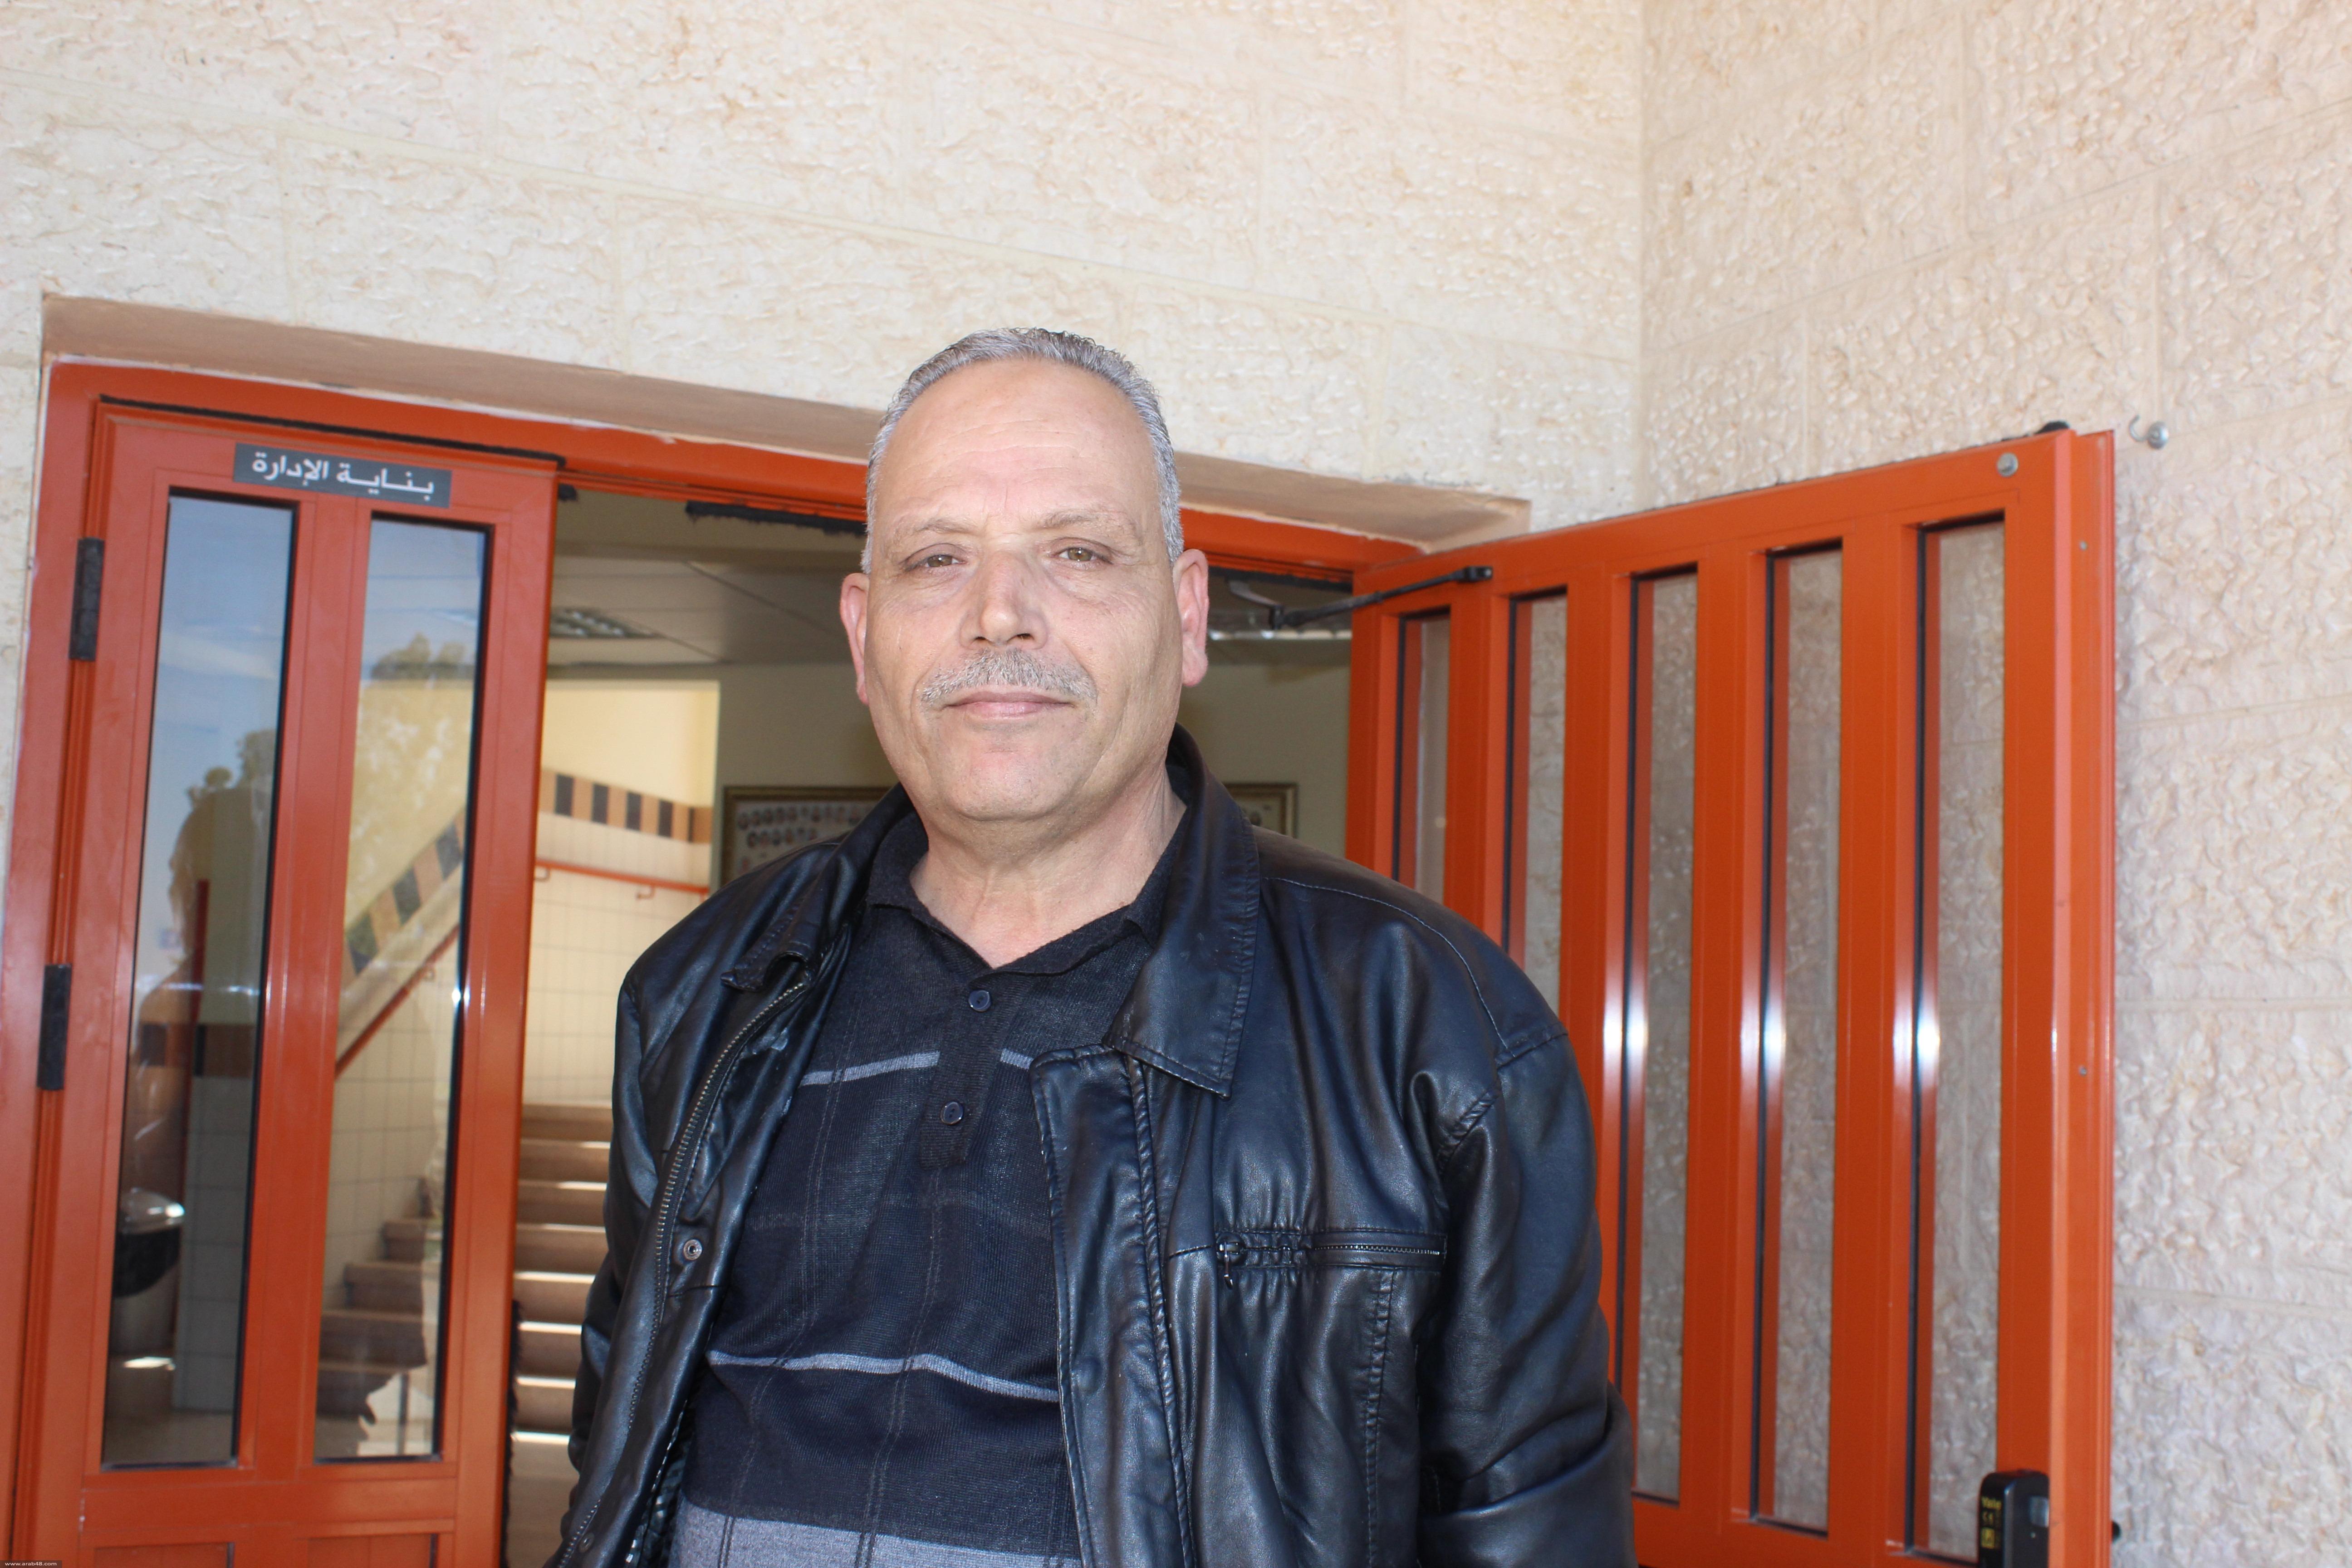 شفاعمرو: استنكار واسع لاعتداء طالب على مدير مدرسة